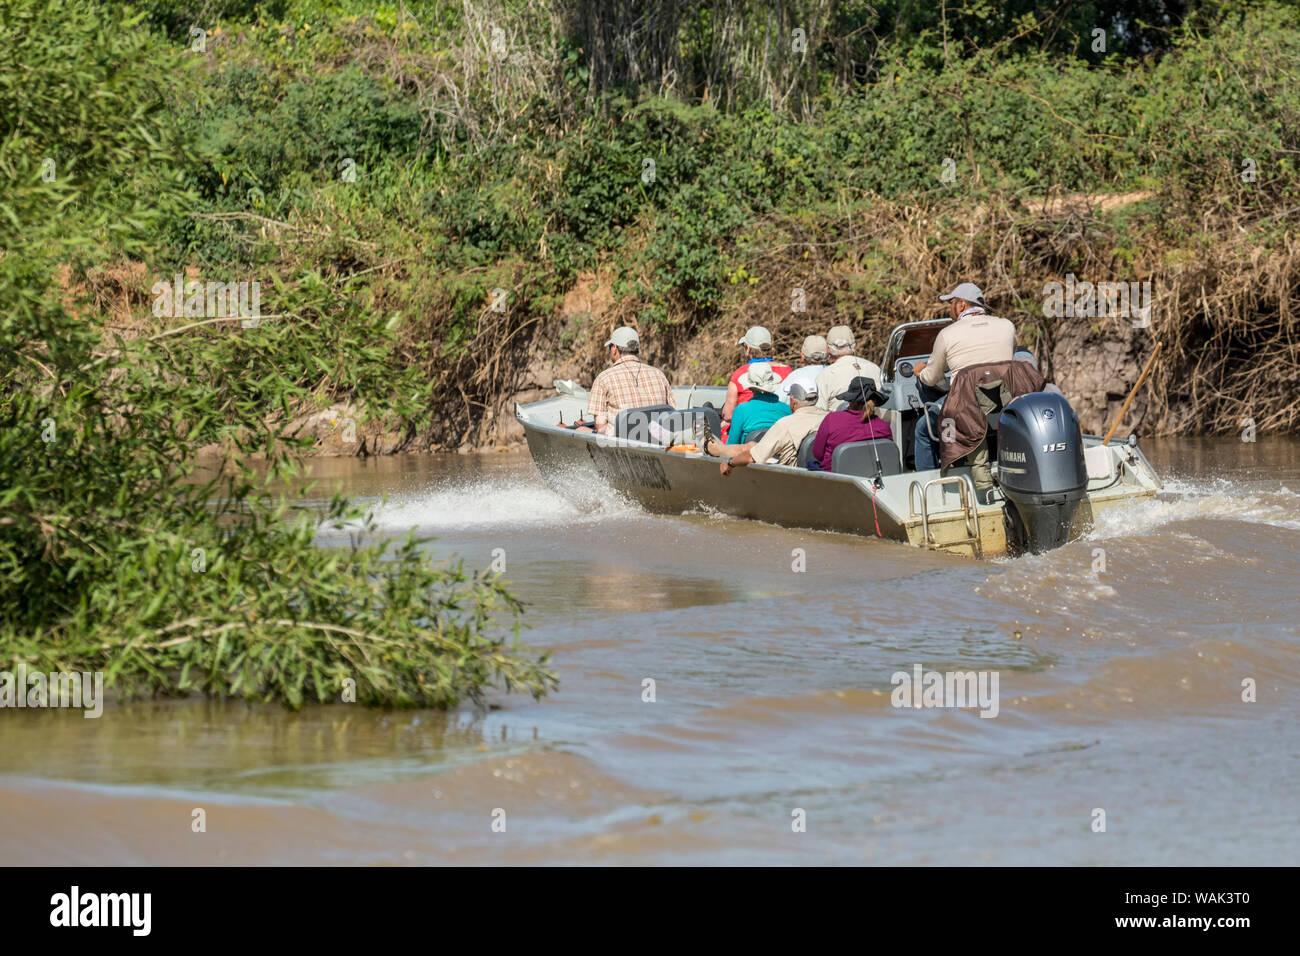 Pantanal, Mato Grosso, Brasilien. Tour Boat racing aus zu einem gemeldete Sichtung eines Jaguars. (Redaktionelle nur verwenden) Stockfoto